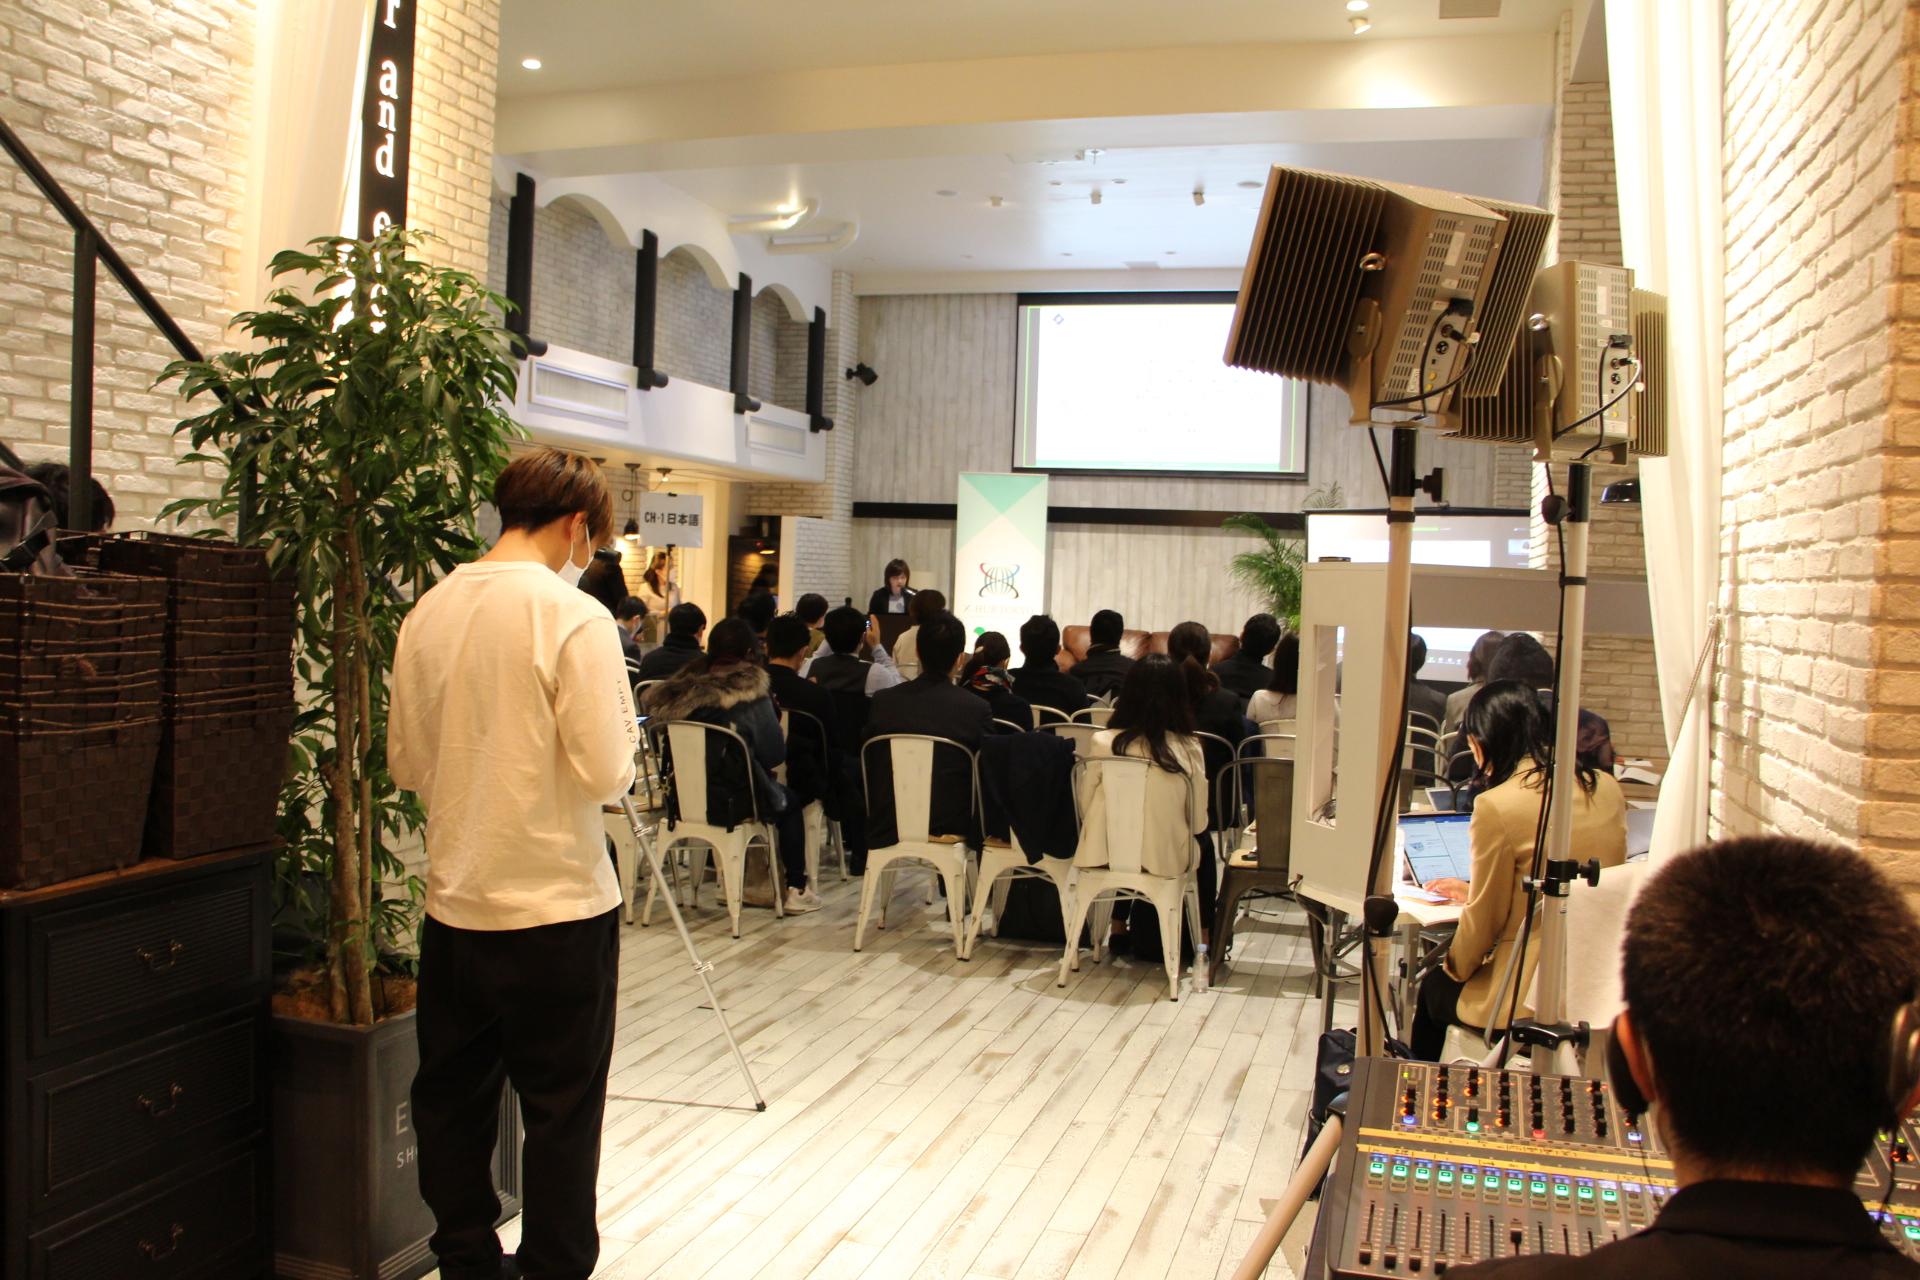 ビジネスシーンにも最適◎企業イベント@EBISU SHOW ROOM|TIME SHARING|タイムシェアリング|スペースマネジメント|あどばる|adval|SHARING